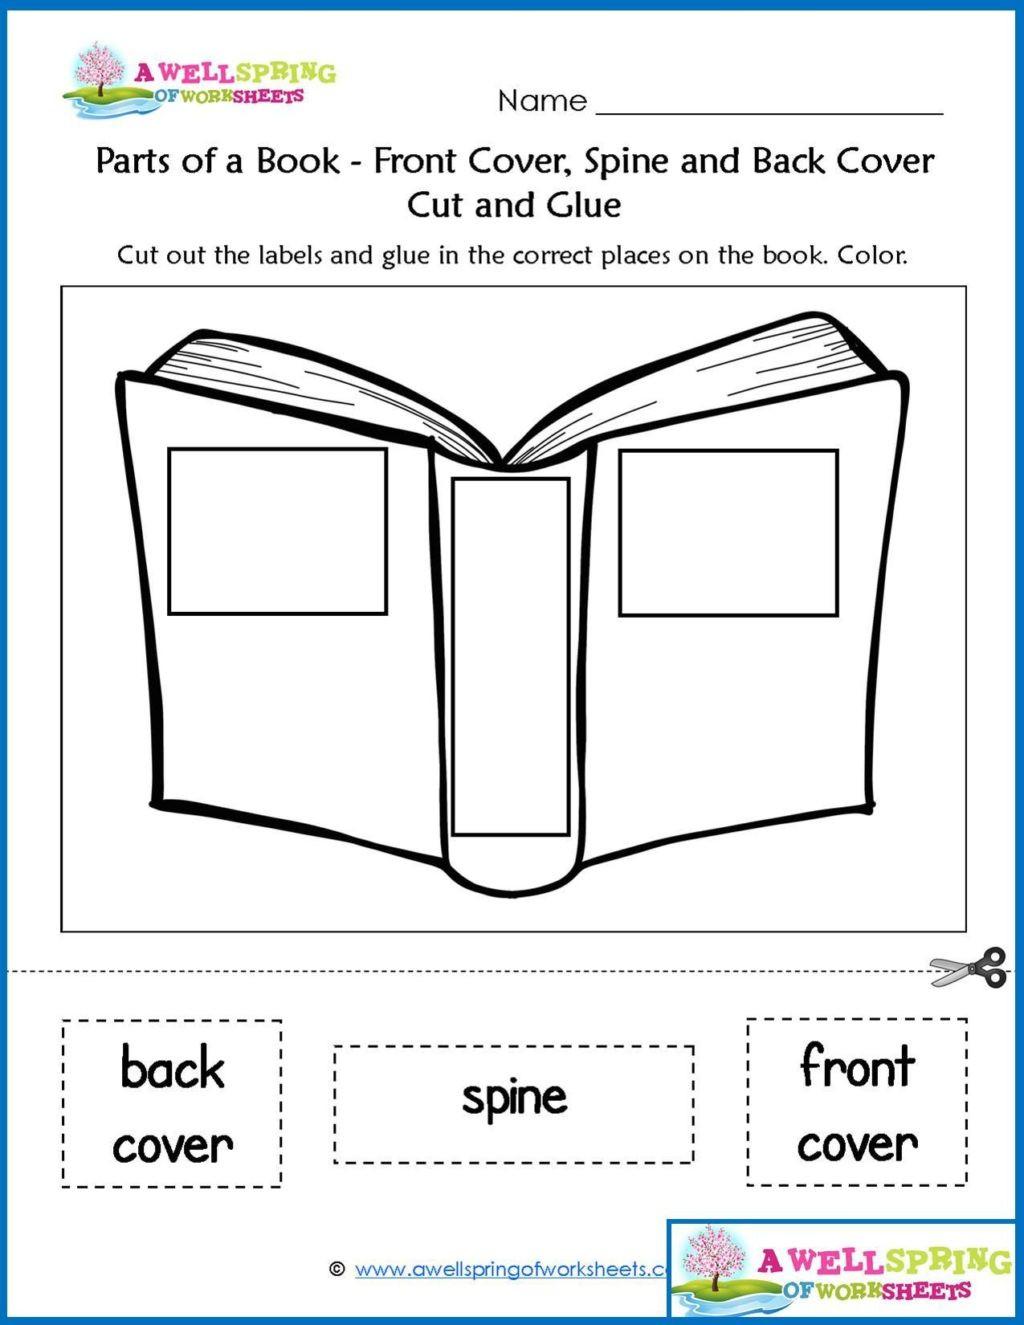 Parts Of A Book Worksheet Worksheet Worksheetr Kinder Worksheets by Subject